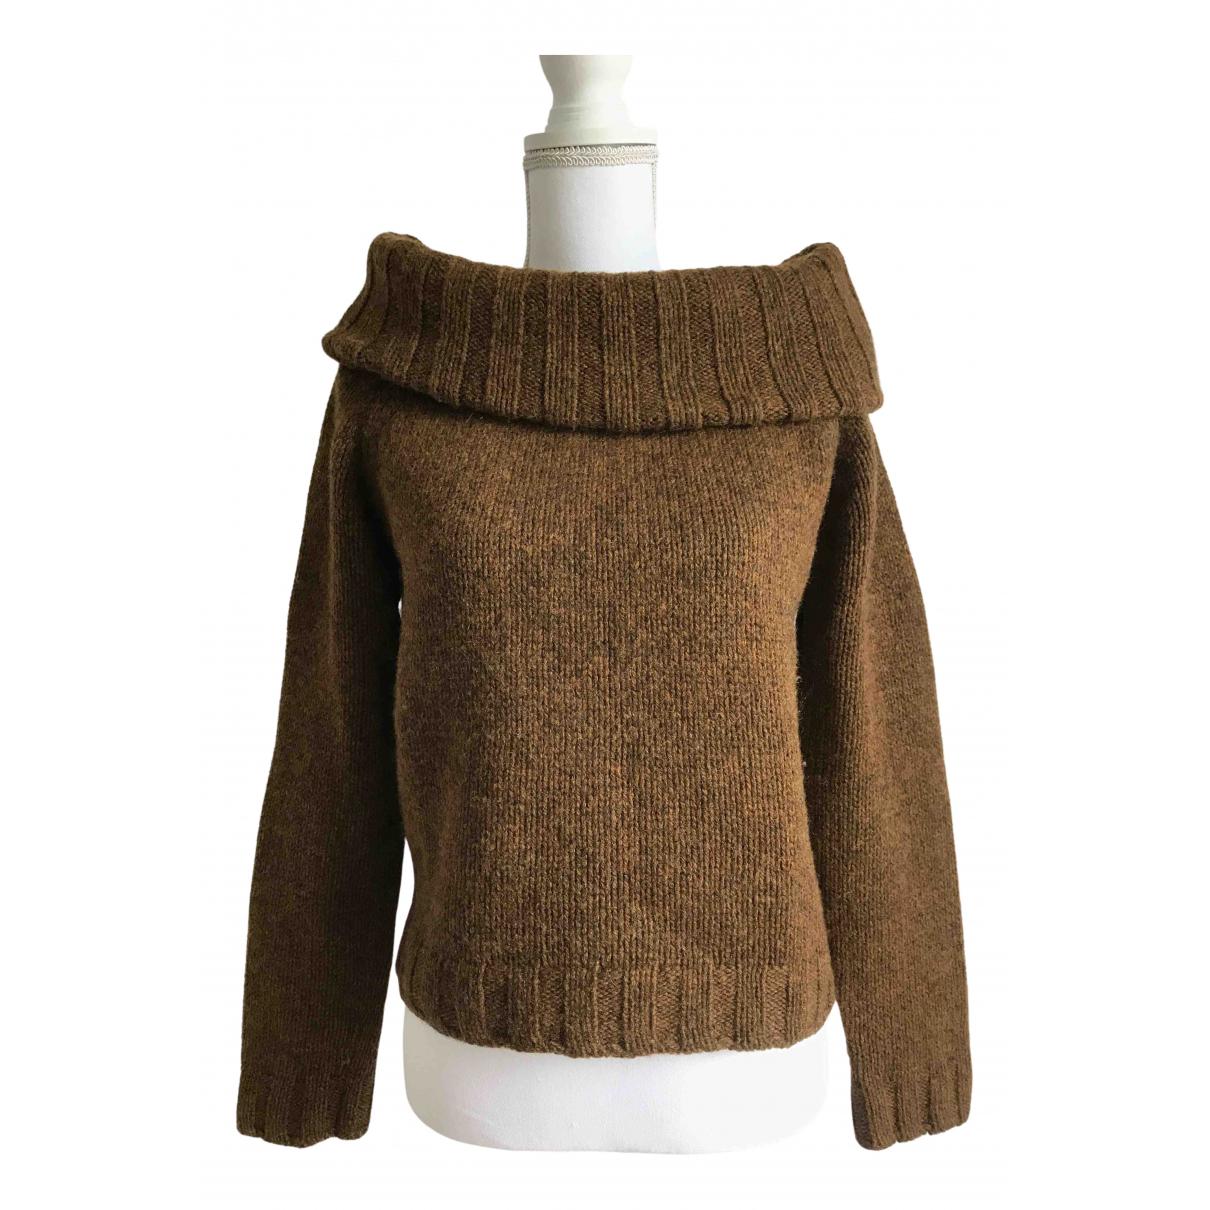 Maison Martin Margiela - Pull   pour femme en laine - marron